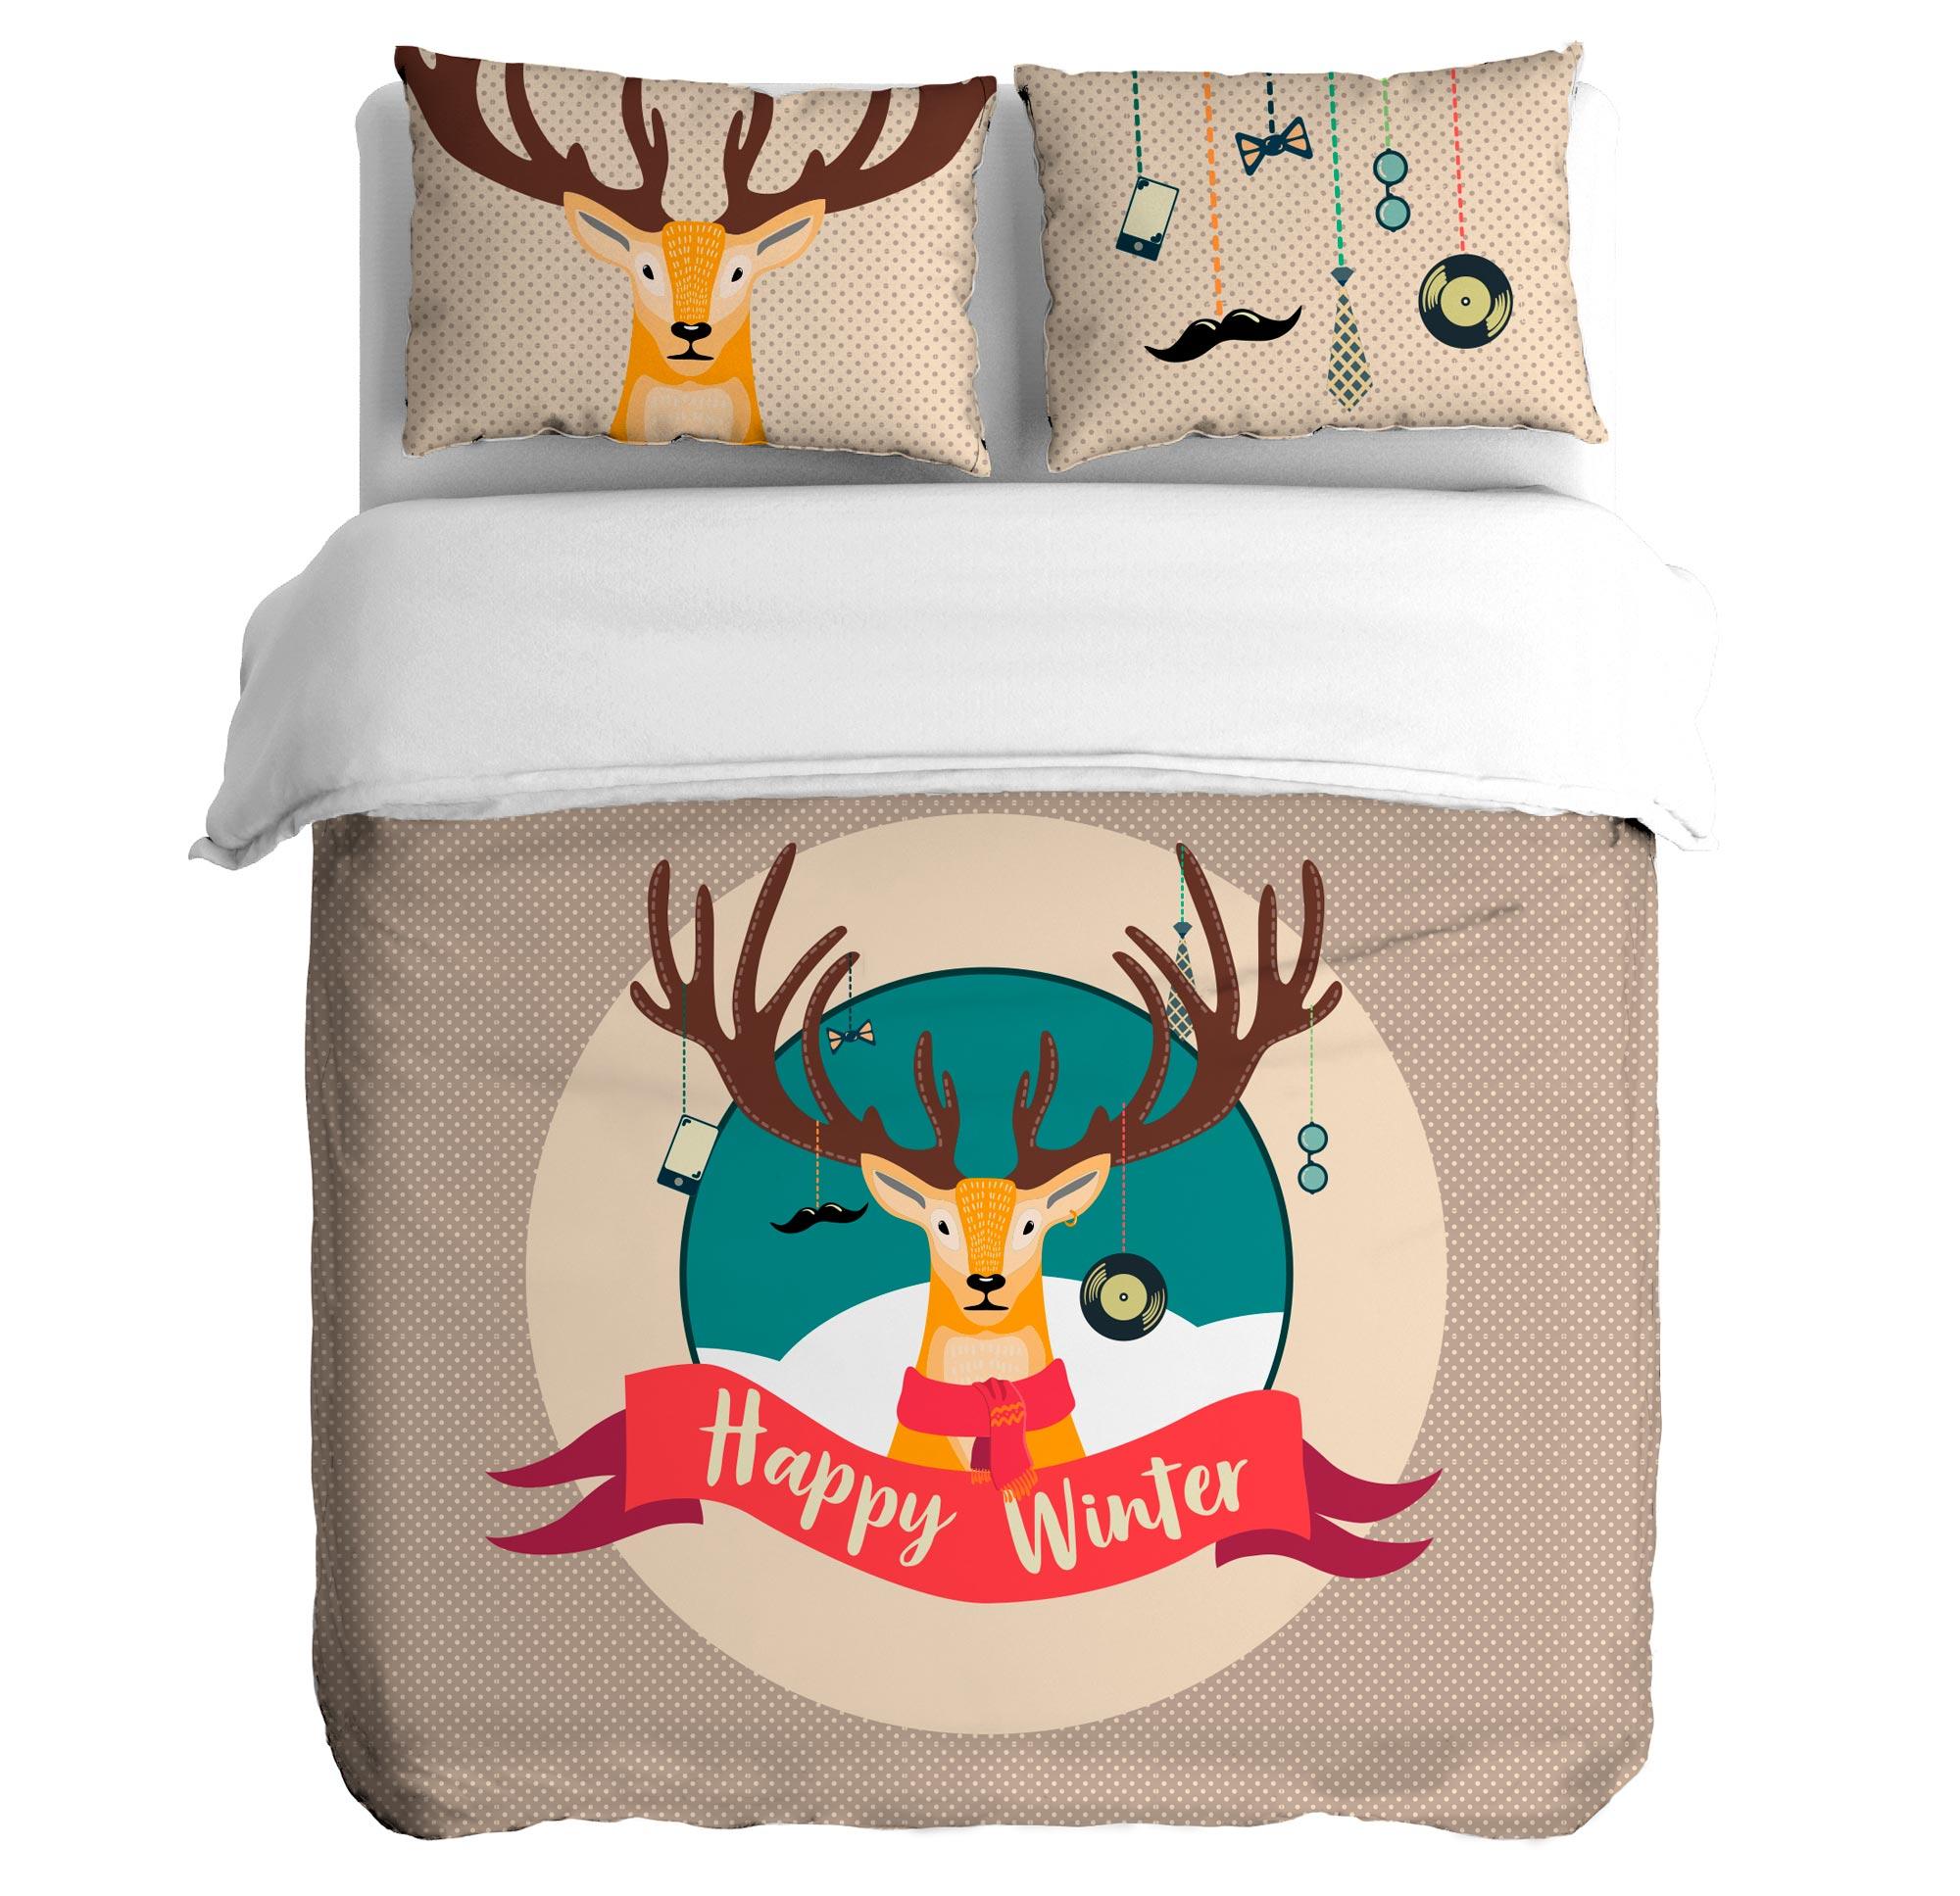 Постельное белье Peach Постельное белье Hipster winter (1,5 спал.) постельное белье мартекс постельное белье микрофибра 3d визит